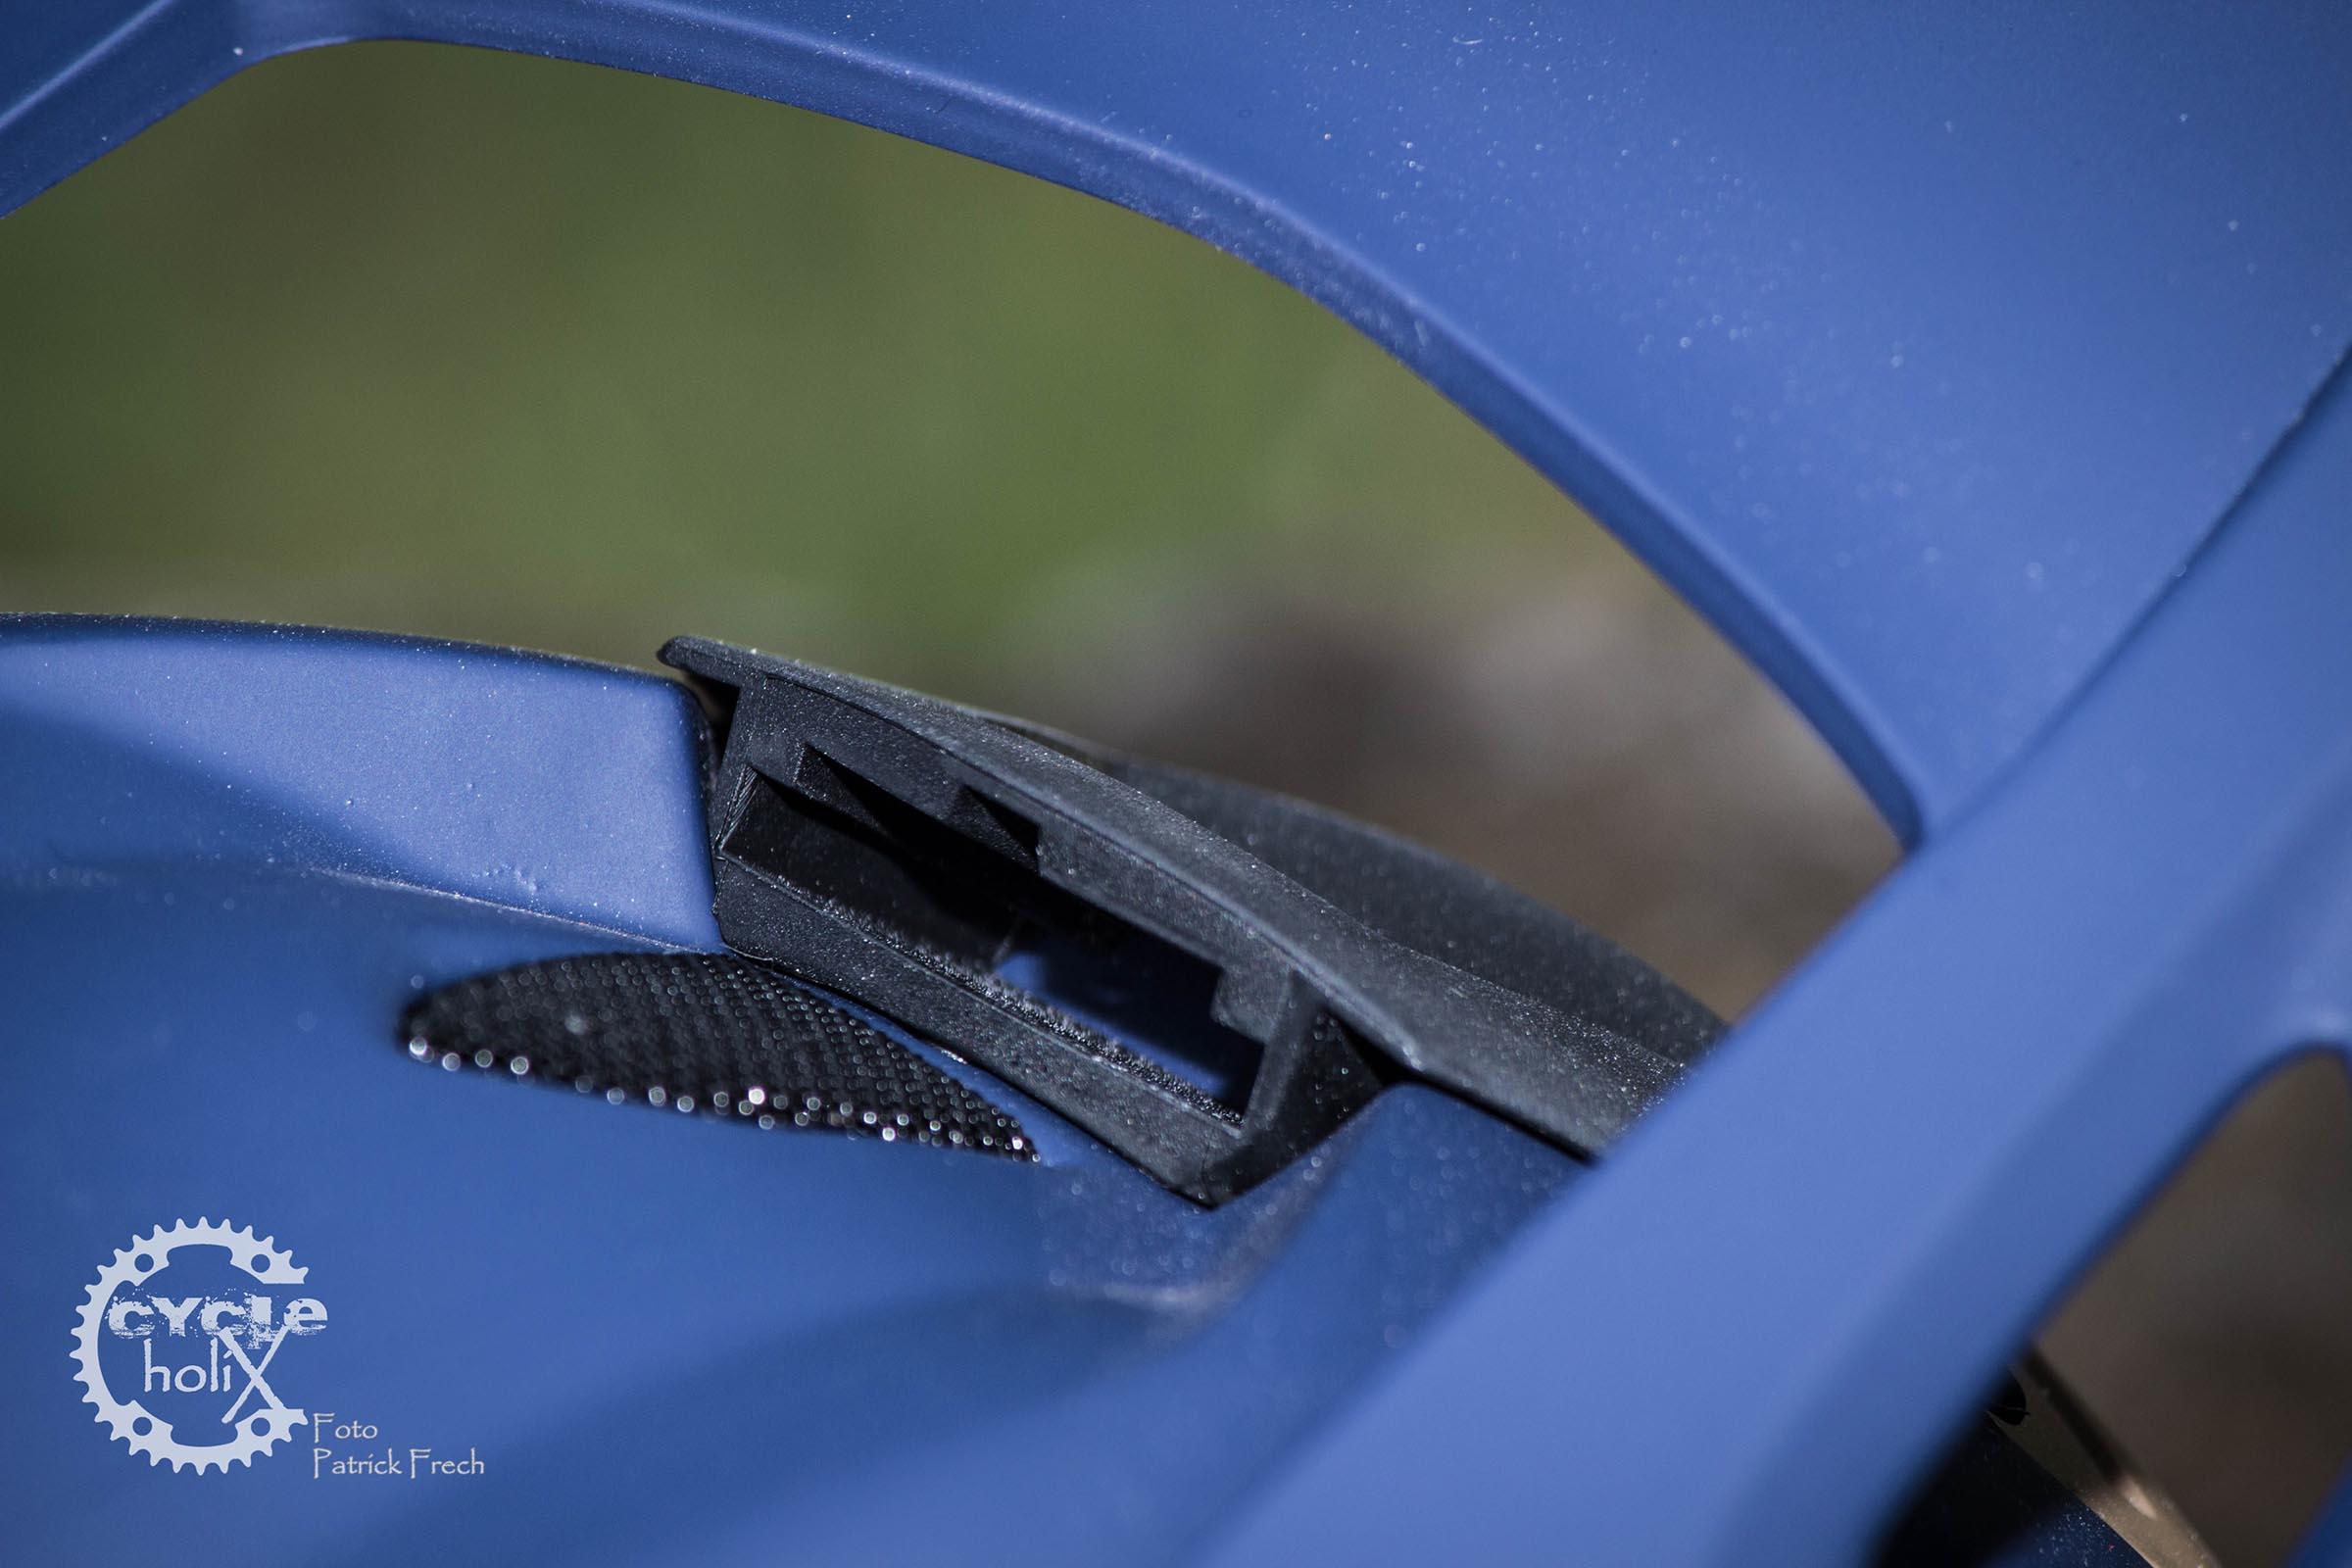 Die Helmhalterung für eine Action-Cam sitzt oben mittig auf dem Cipher